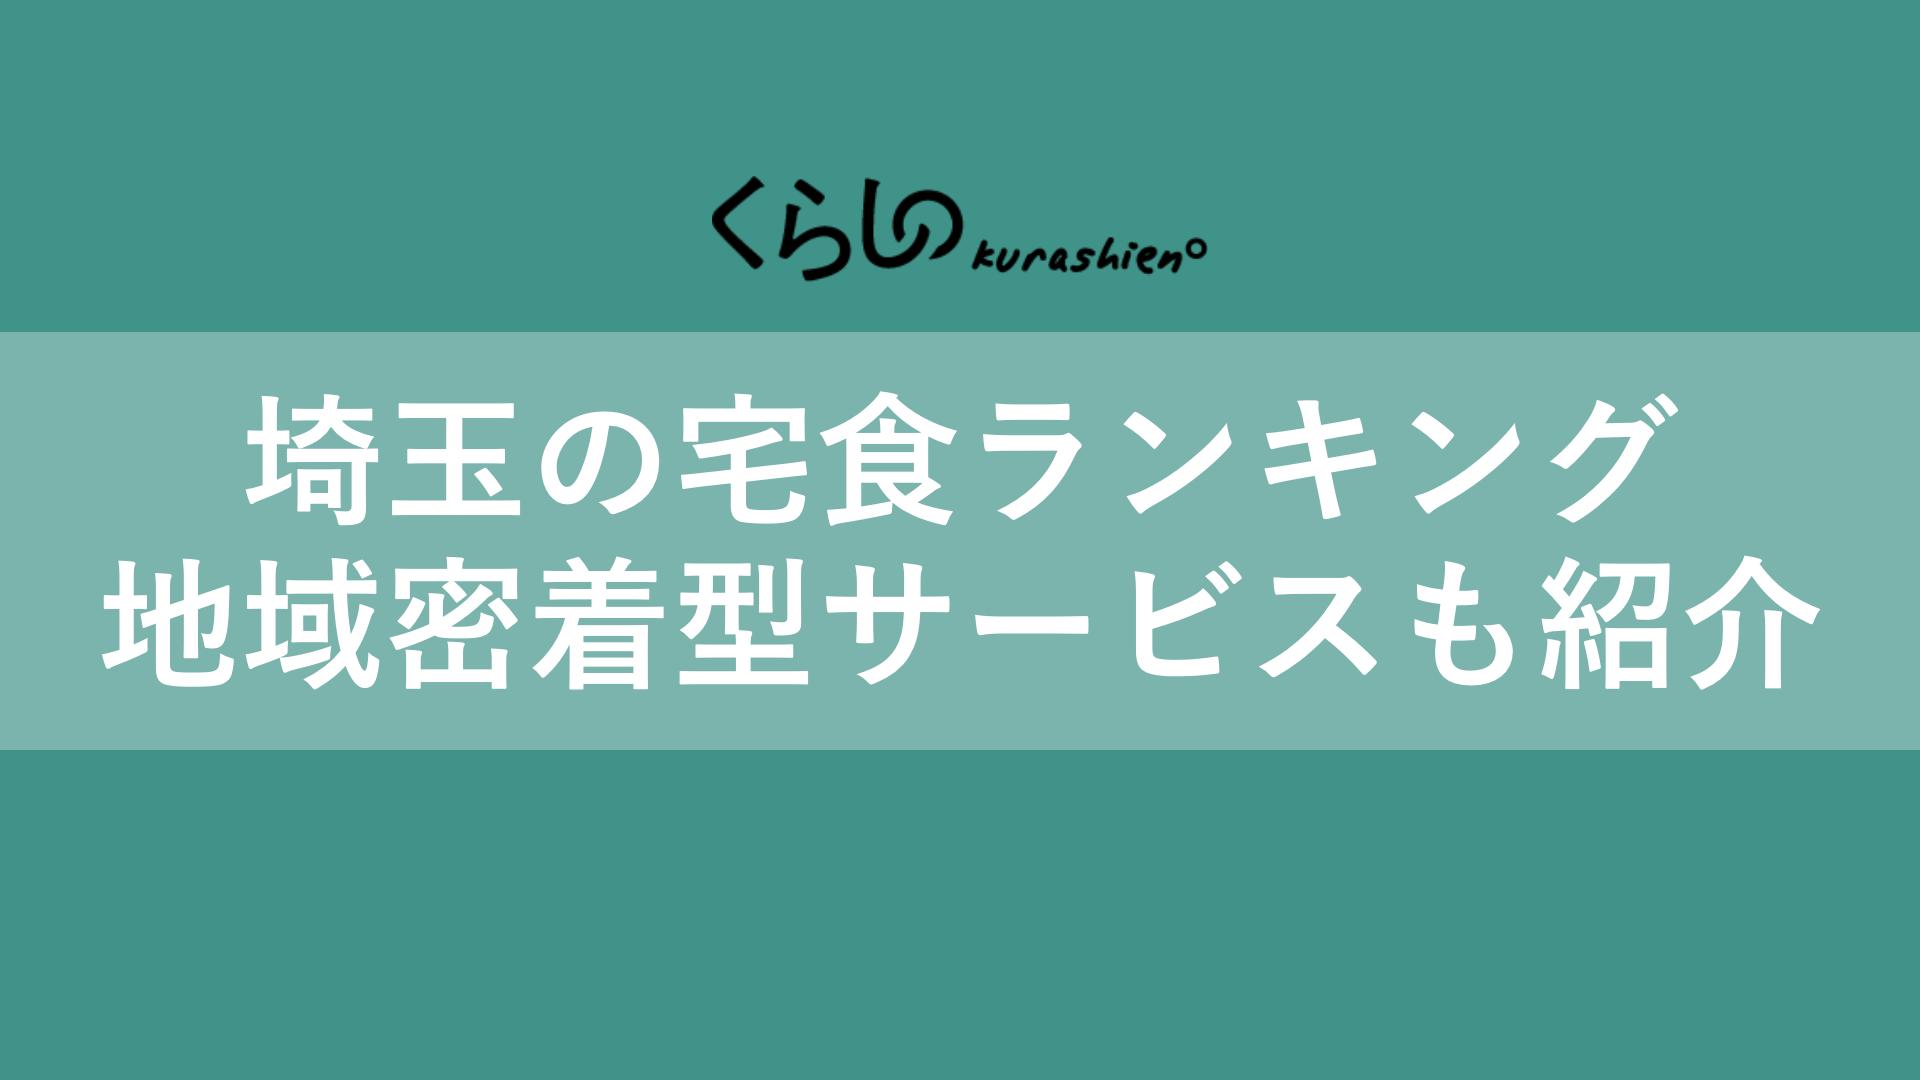 埼玉県の宅食サービス・宅配弁当おすすめランキング!地域密着型サービスも紹介